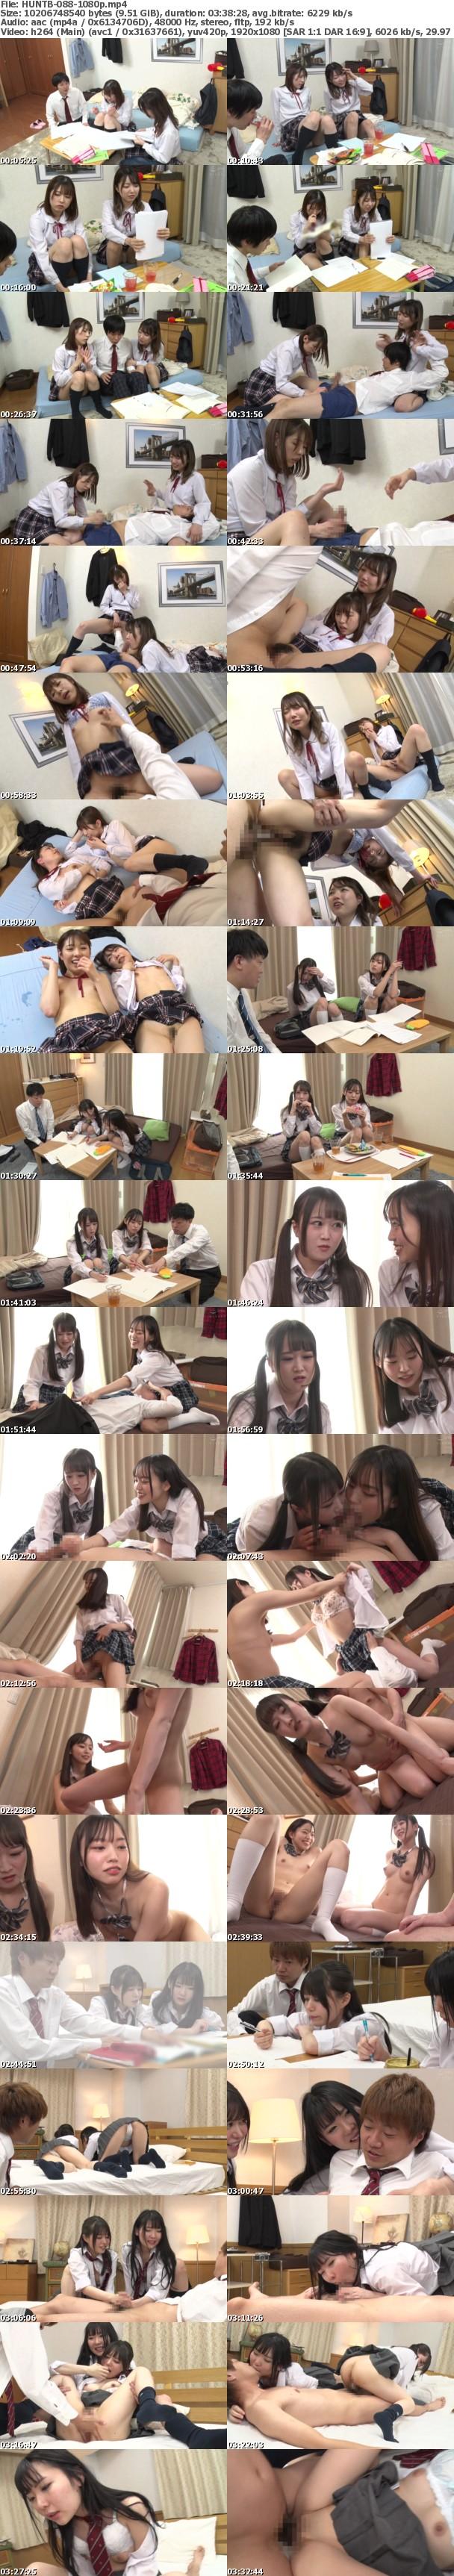 (Full HD) HUNTB-088 「こうやって優しくシコシコしてあげるから!」「ヤバい?出るんじゃない?」「ちょっとダメだって!」真面目な勉強会がエッチなおちん○ん勉強会に!